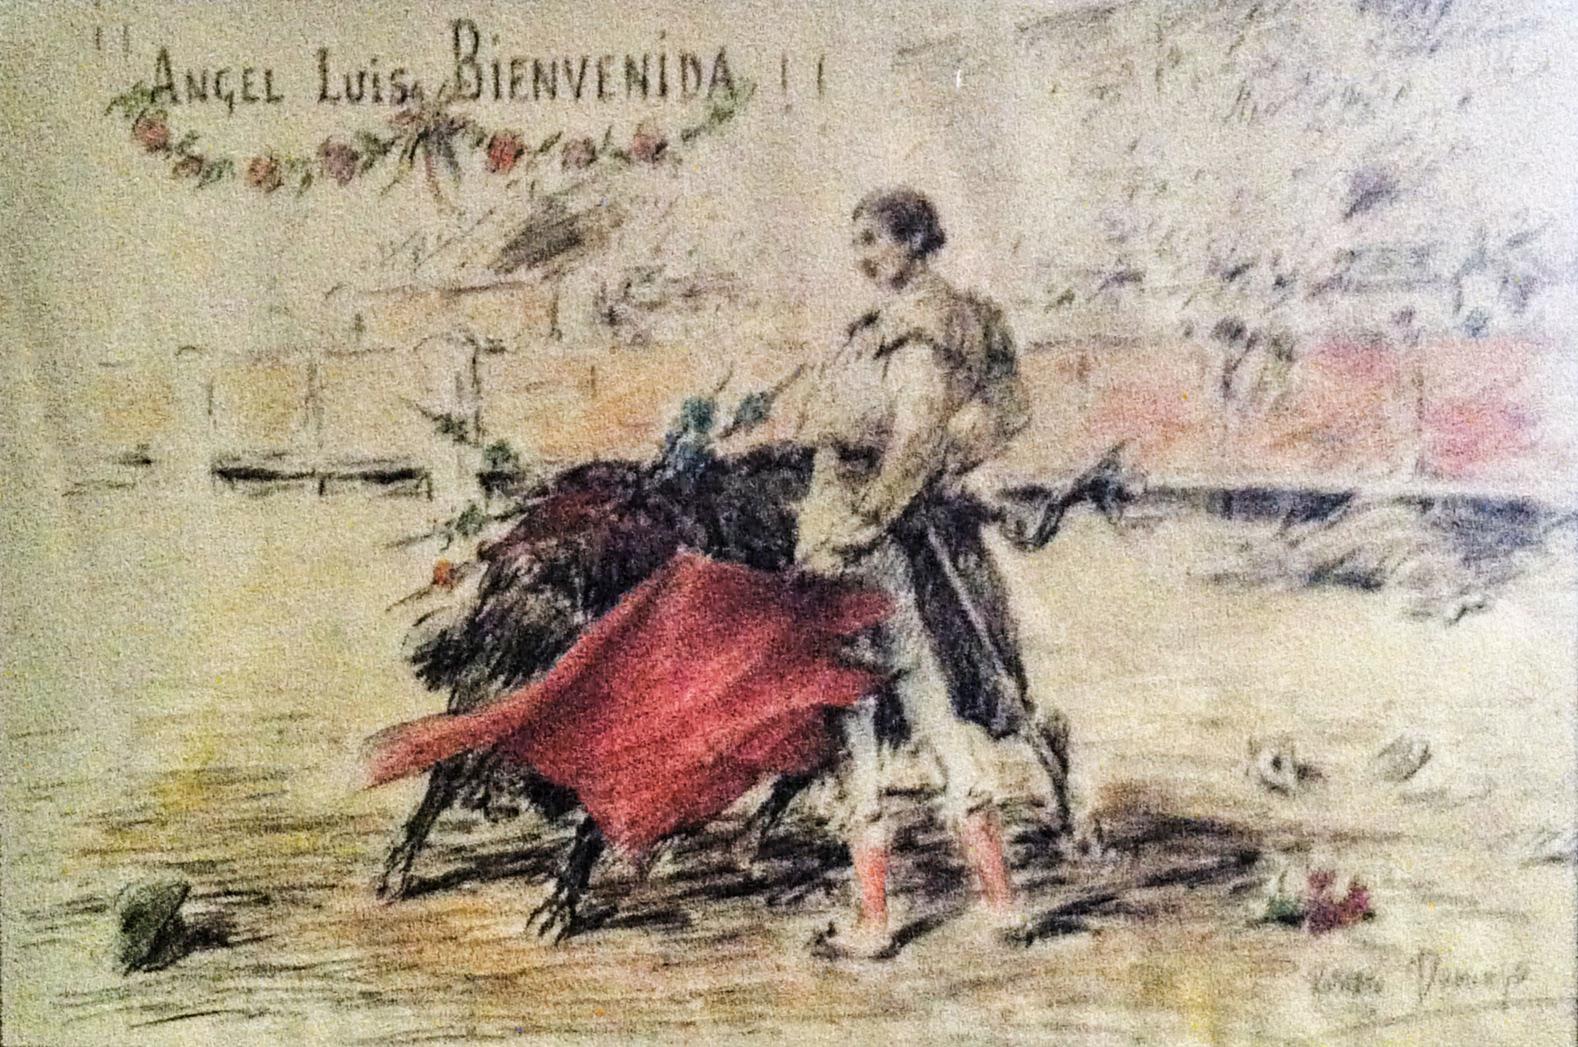 Resultado de imagen de Ángel Luis Bienvenida